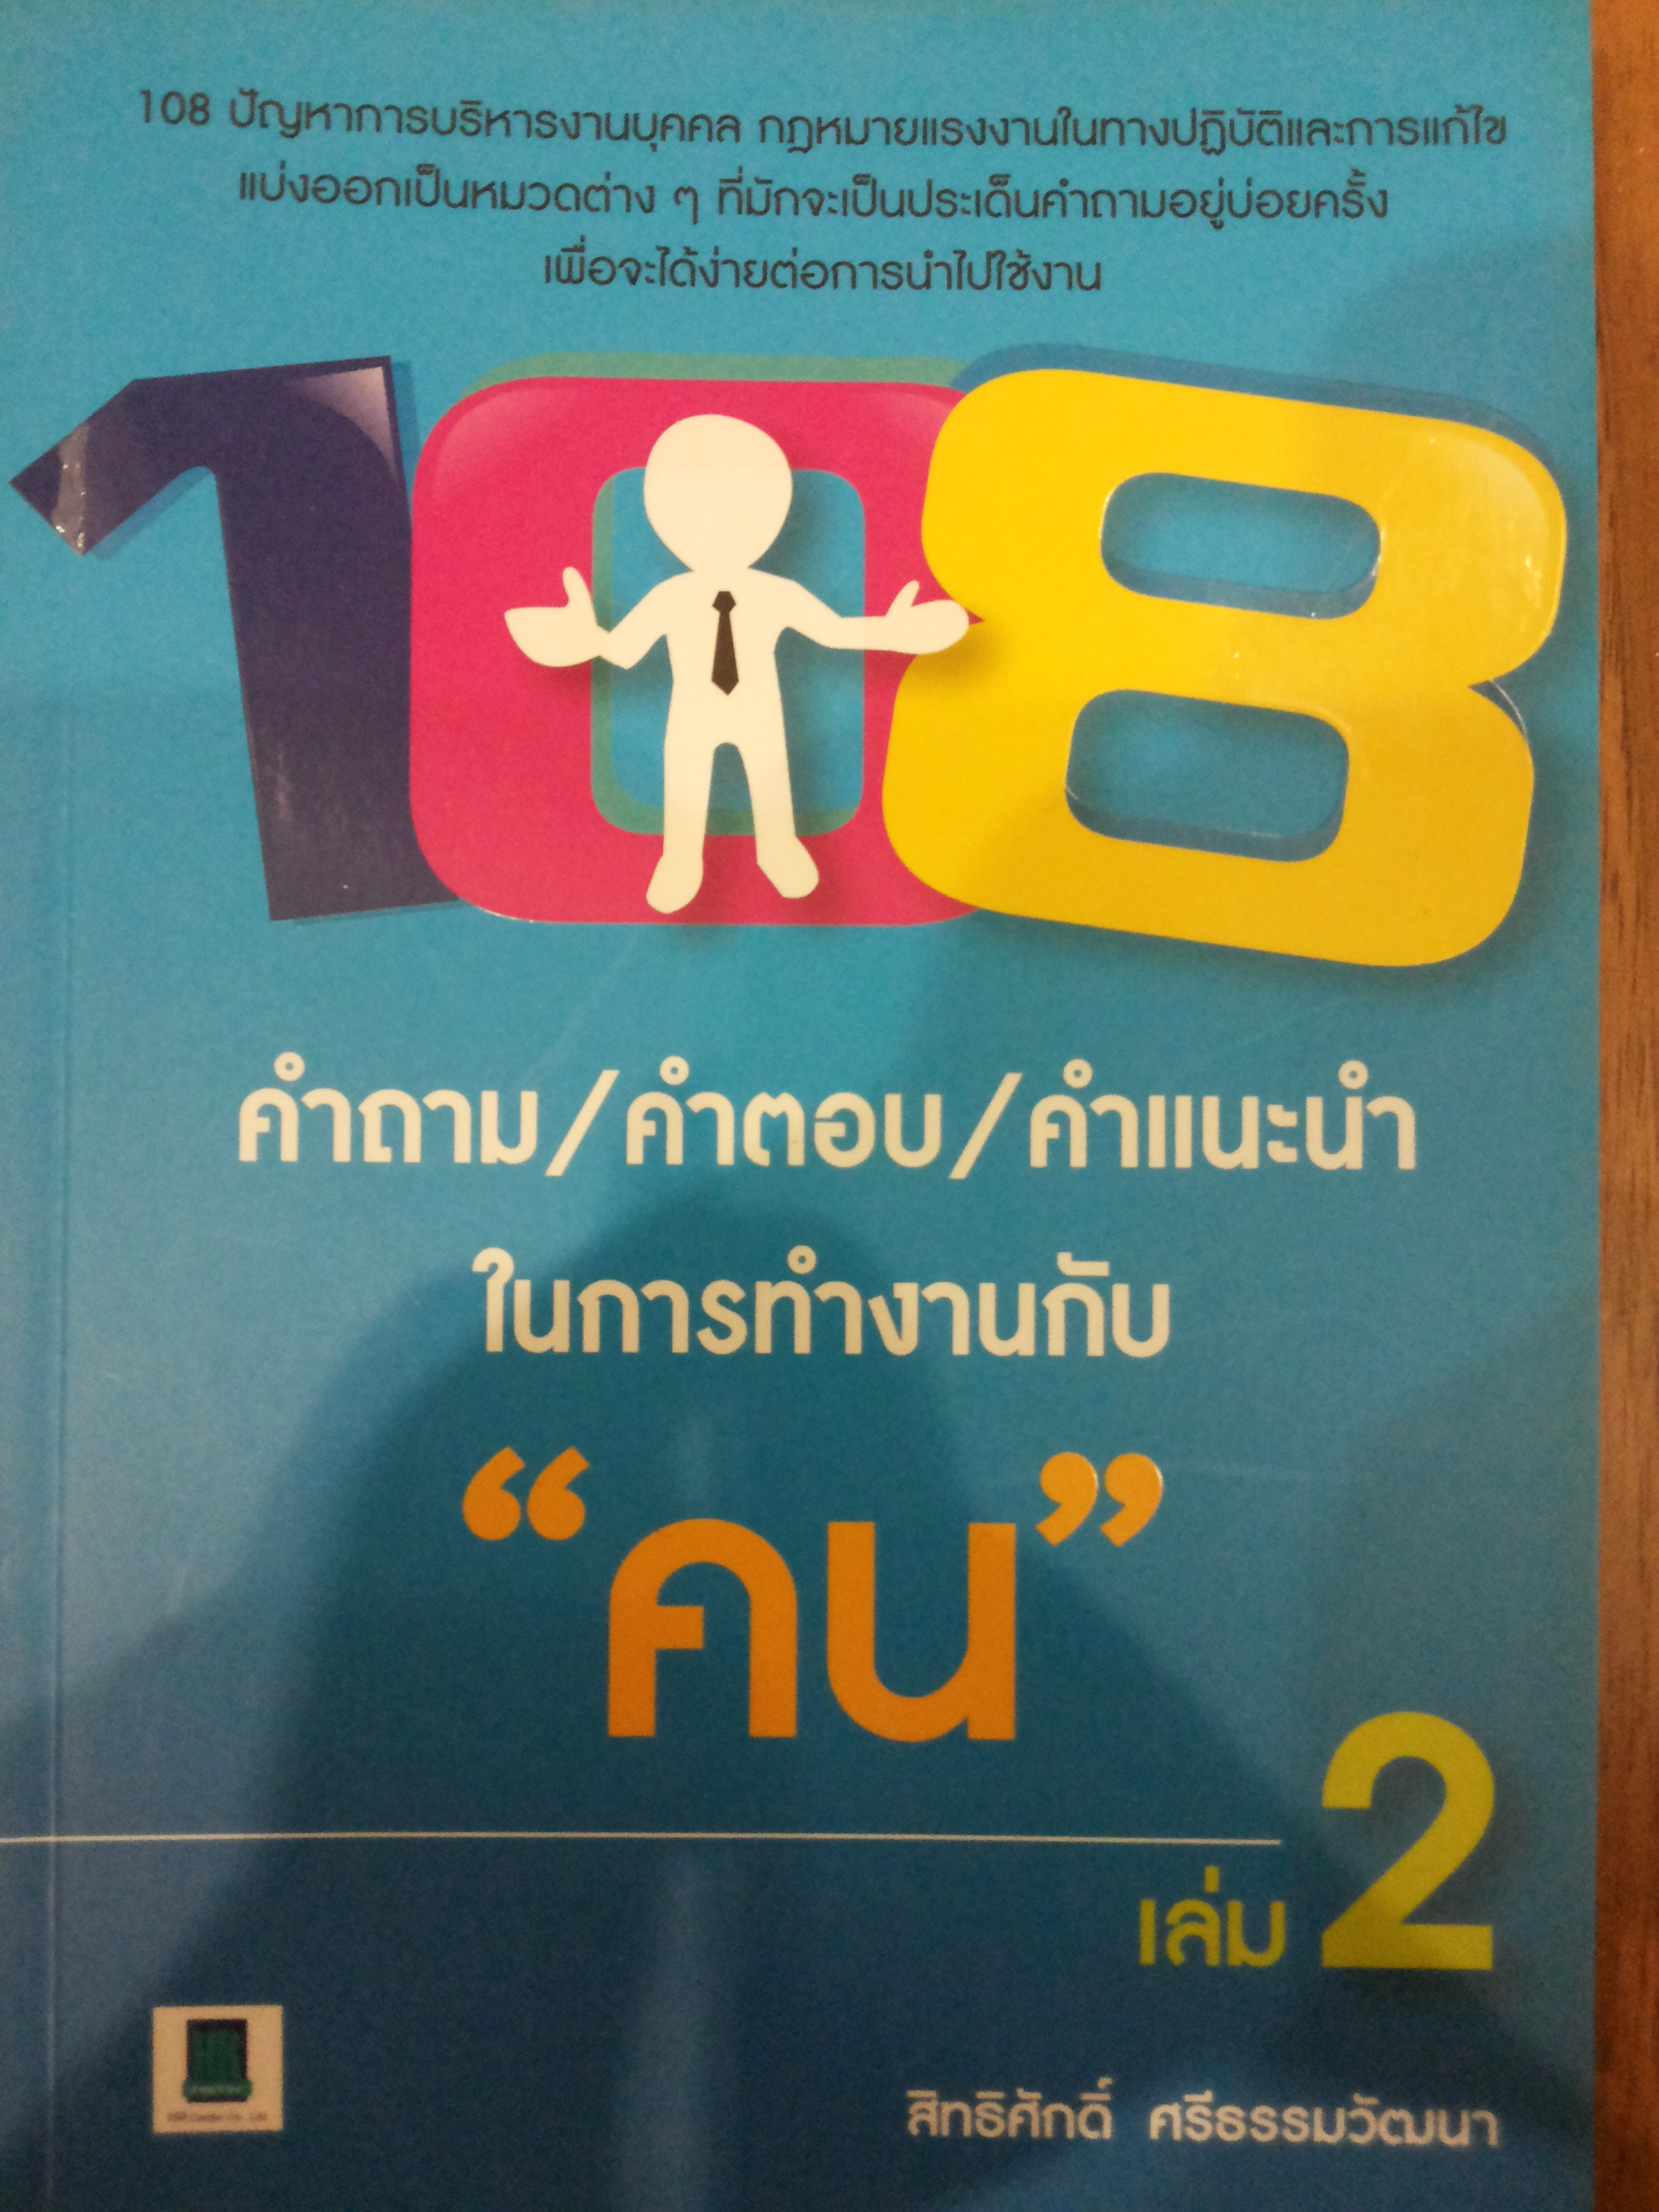 """108 คำถาม/คำตอบ/คำแนะนำ ในการทำงานกับ """"คน"""" เล่ม2"""